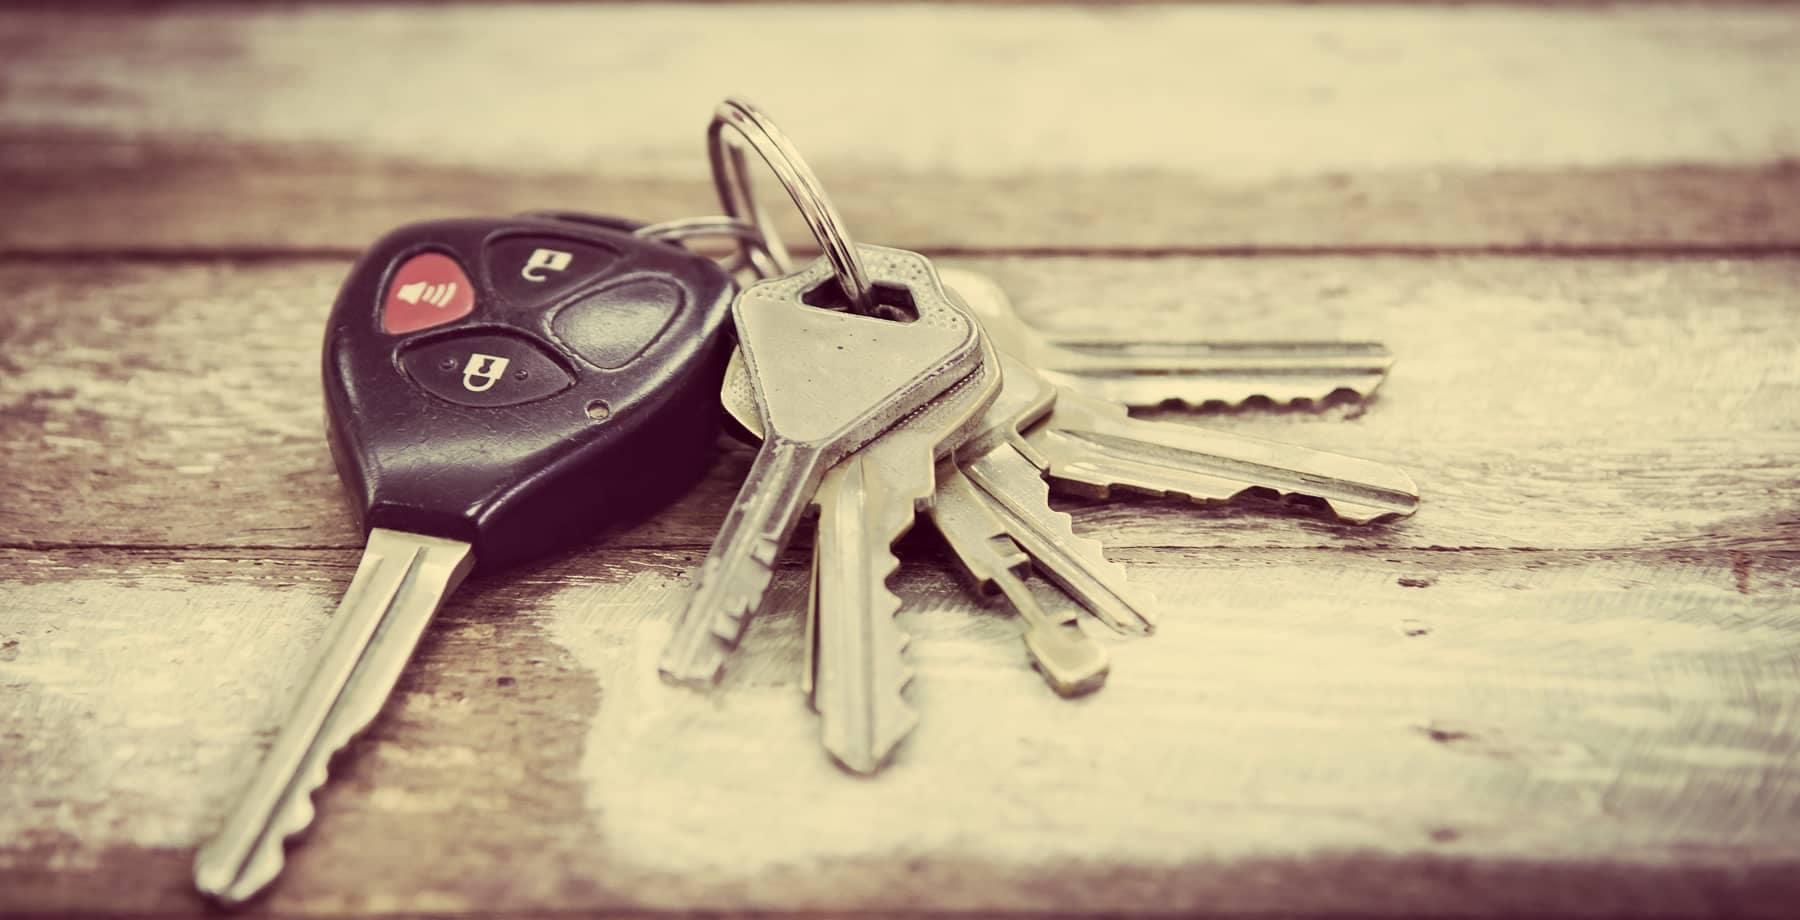 Car Keys on a wood table